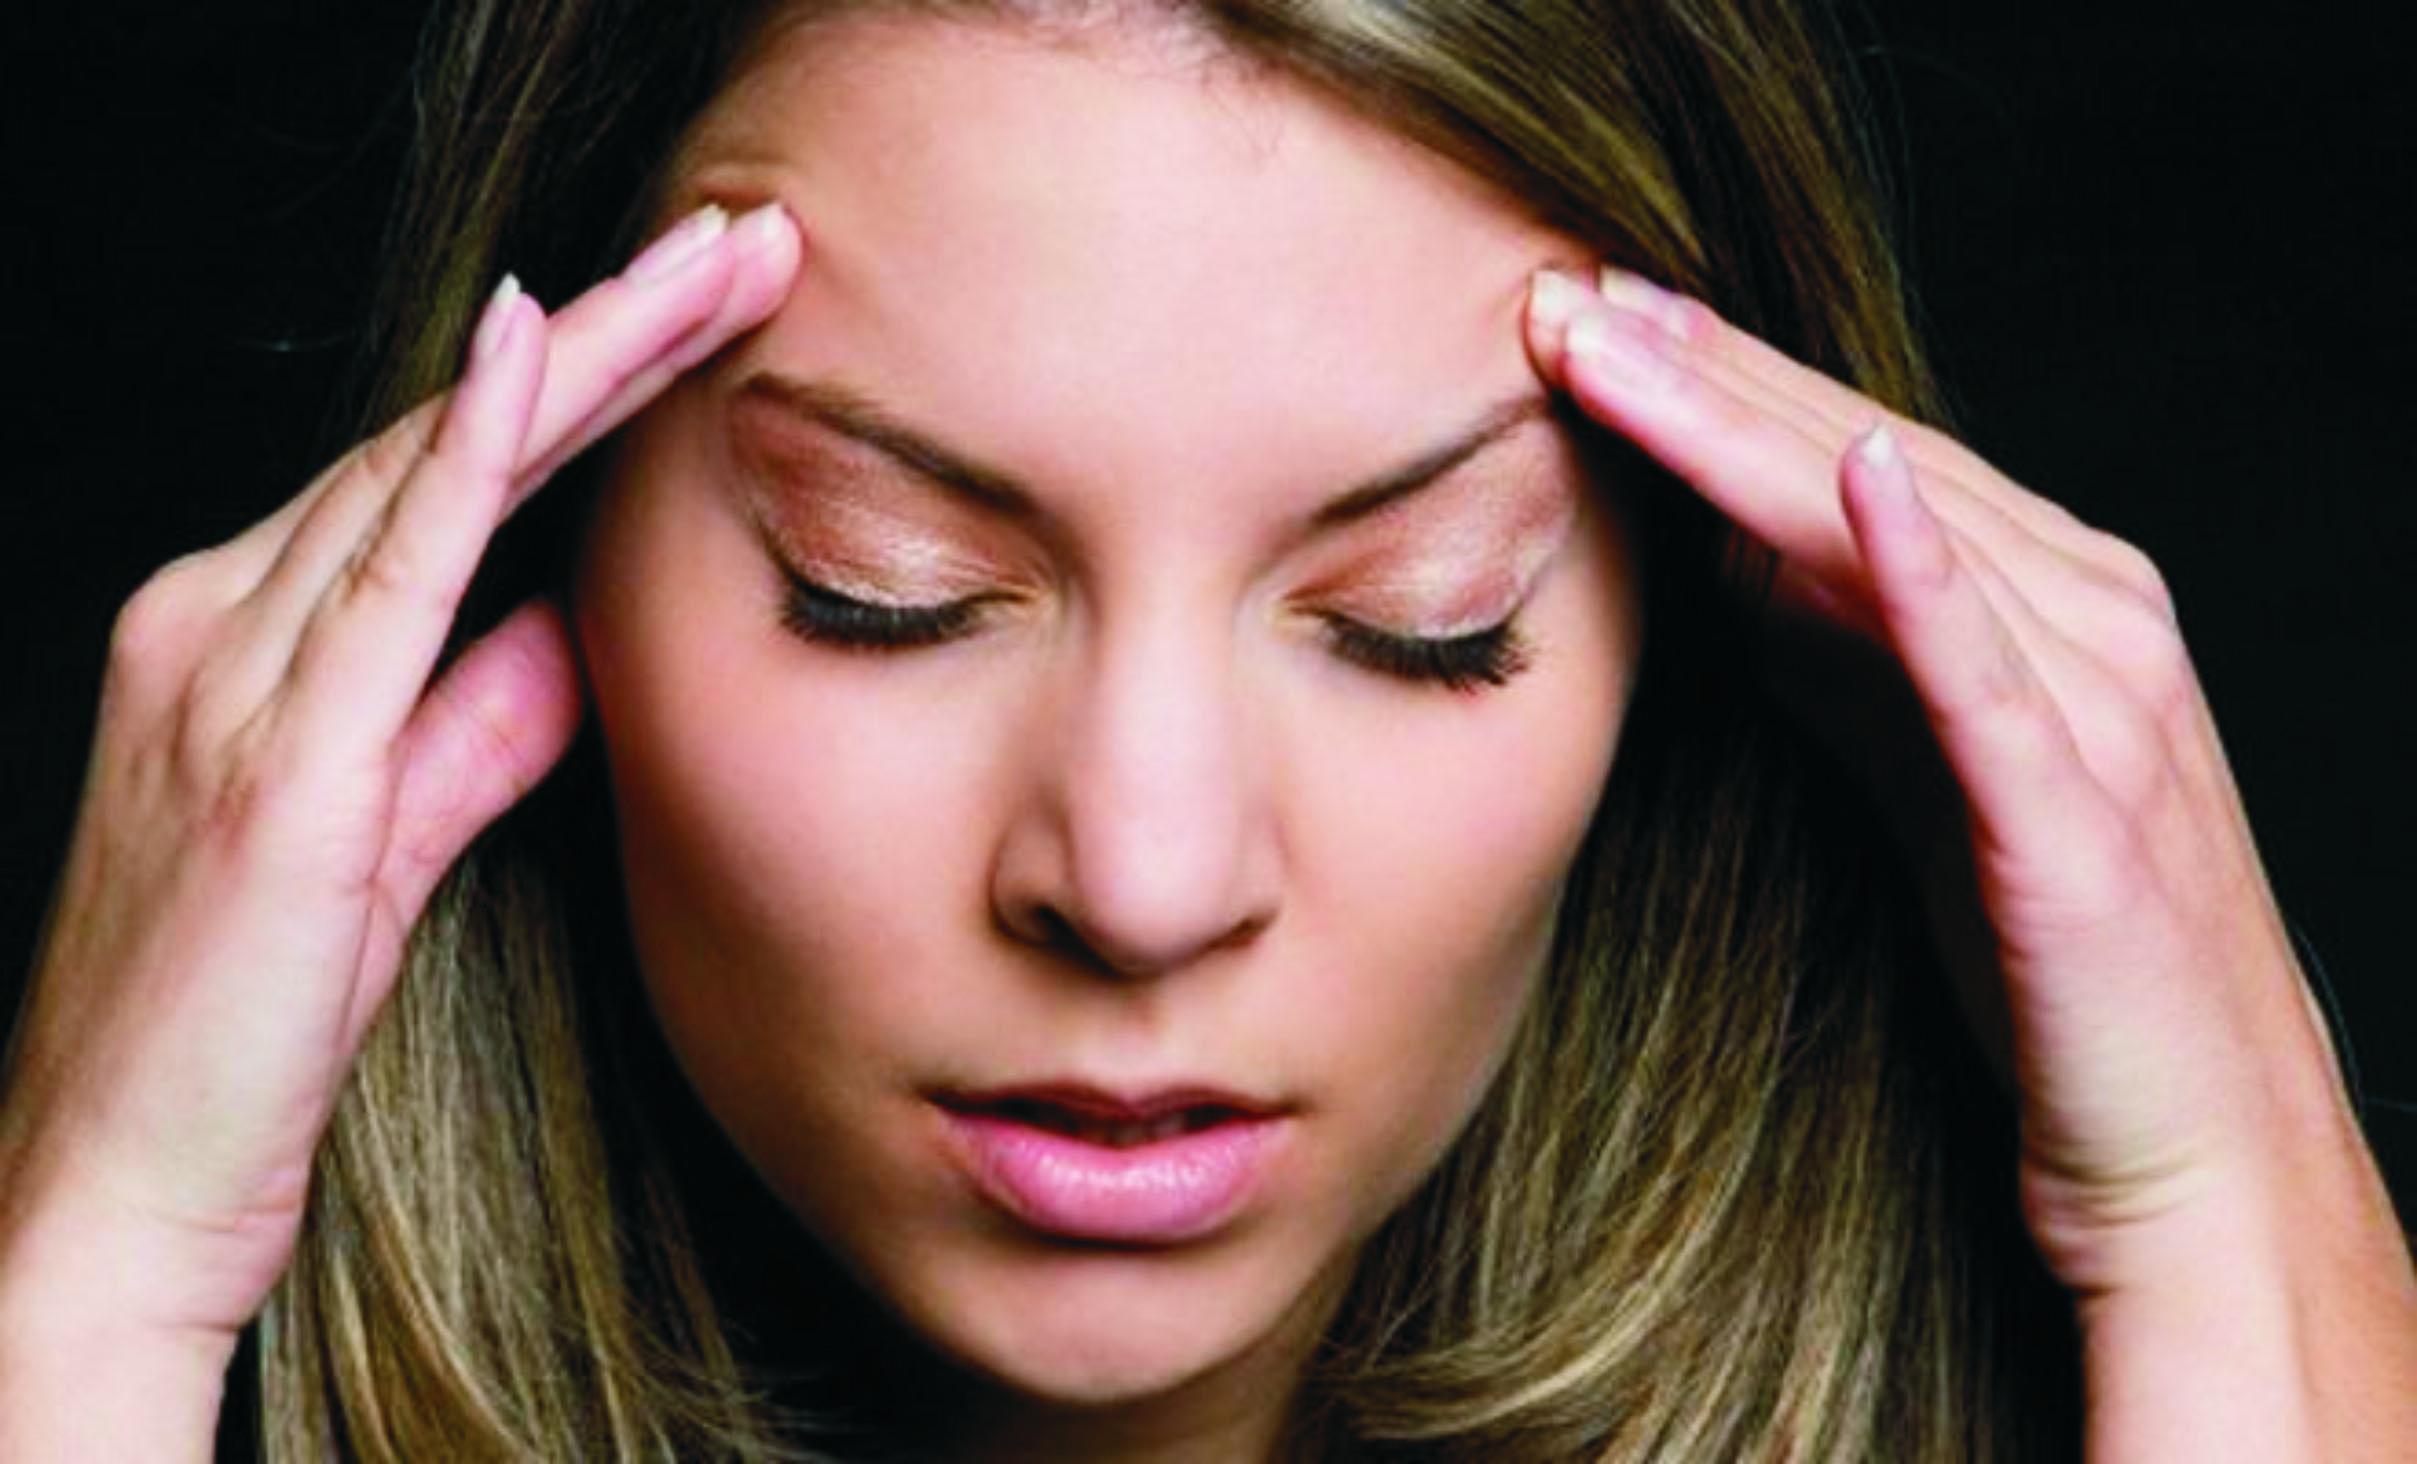 Головная боль может вызвать депрессию у женщины